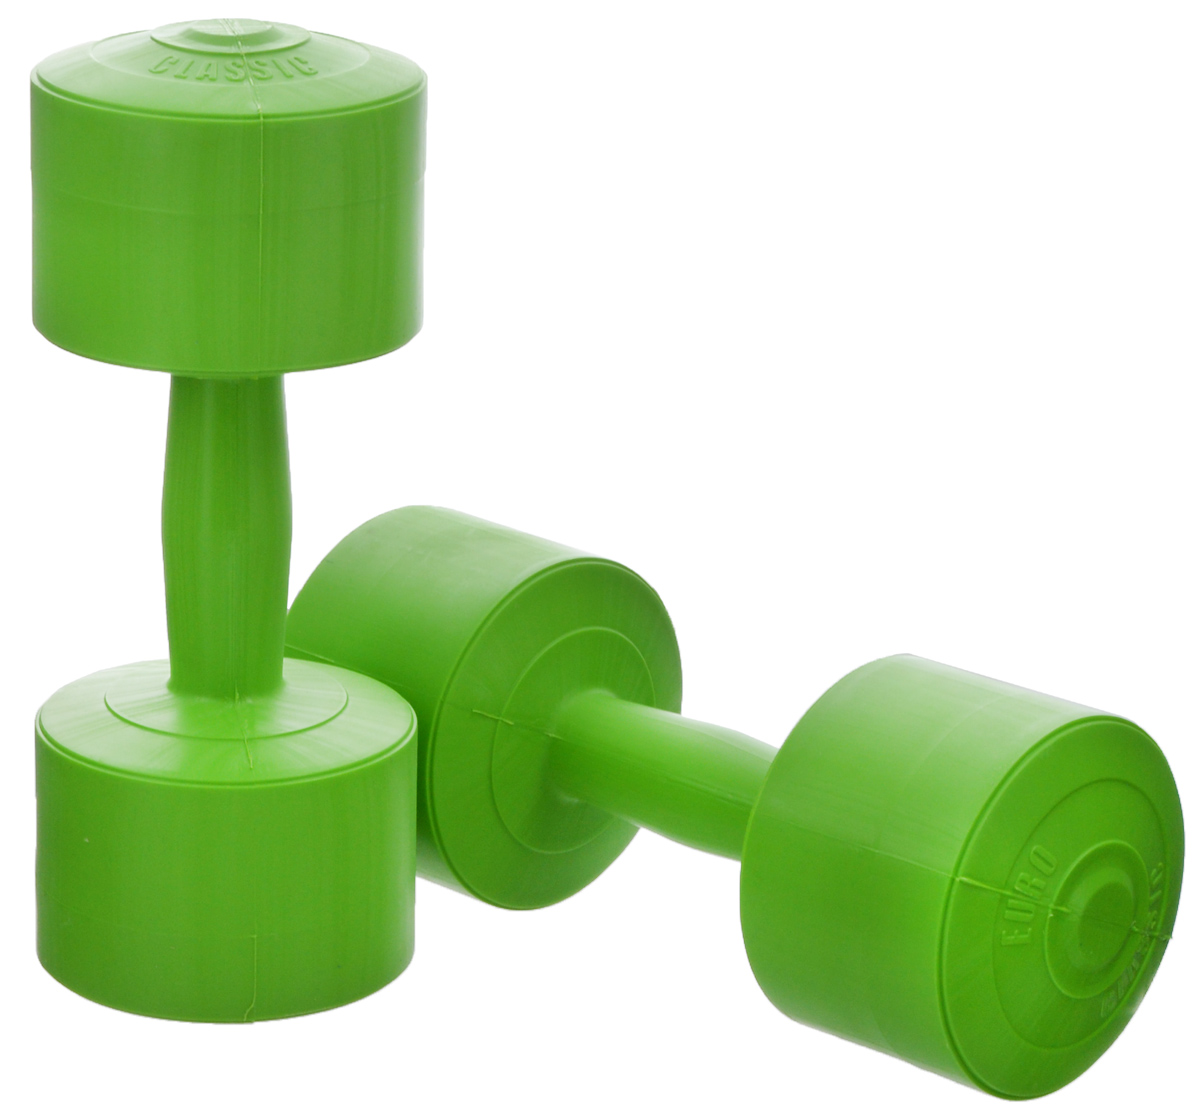 Гантели виниловые Euro-Classic, цвет: зеленый, 3 кг, 2 штSF 0085Гантели Euro-Classic идеально подходят как для тренировок дома, так и в офисе. Гантели помогают укрепить мышцы рук, грудной клетки, верхней части спины и плеч. Внешнее покрытие изделий выполнено из прочного ПВХ, наполнитель - композитная смесь цемента и песка.